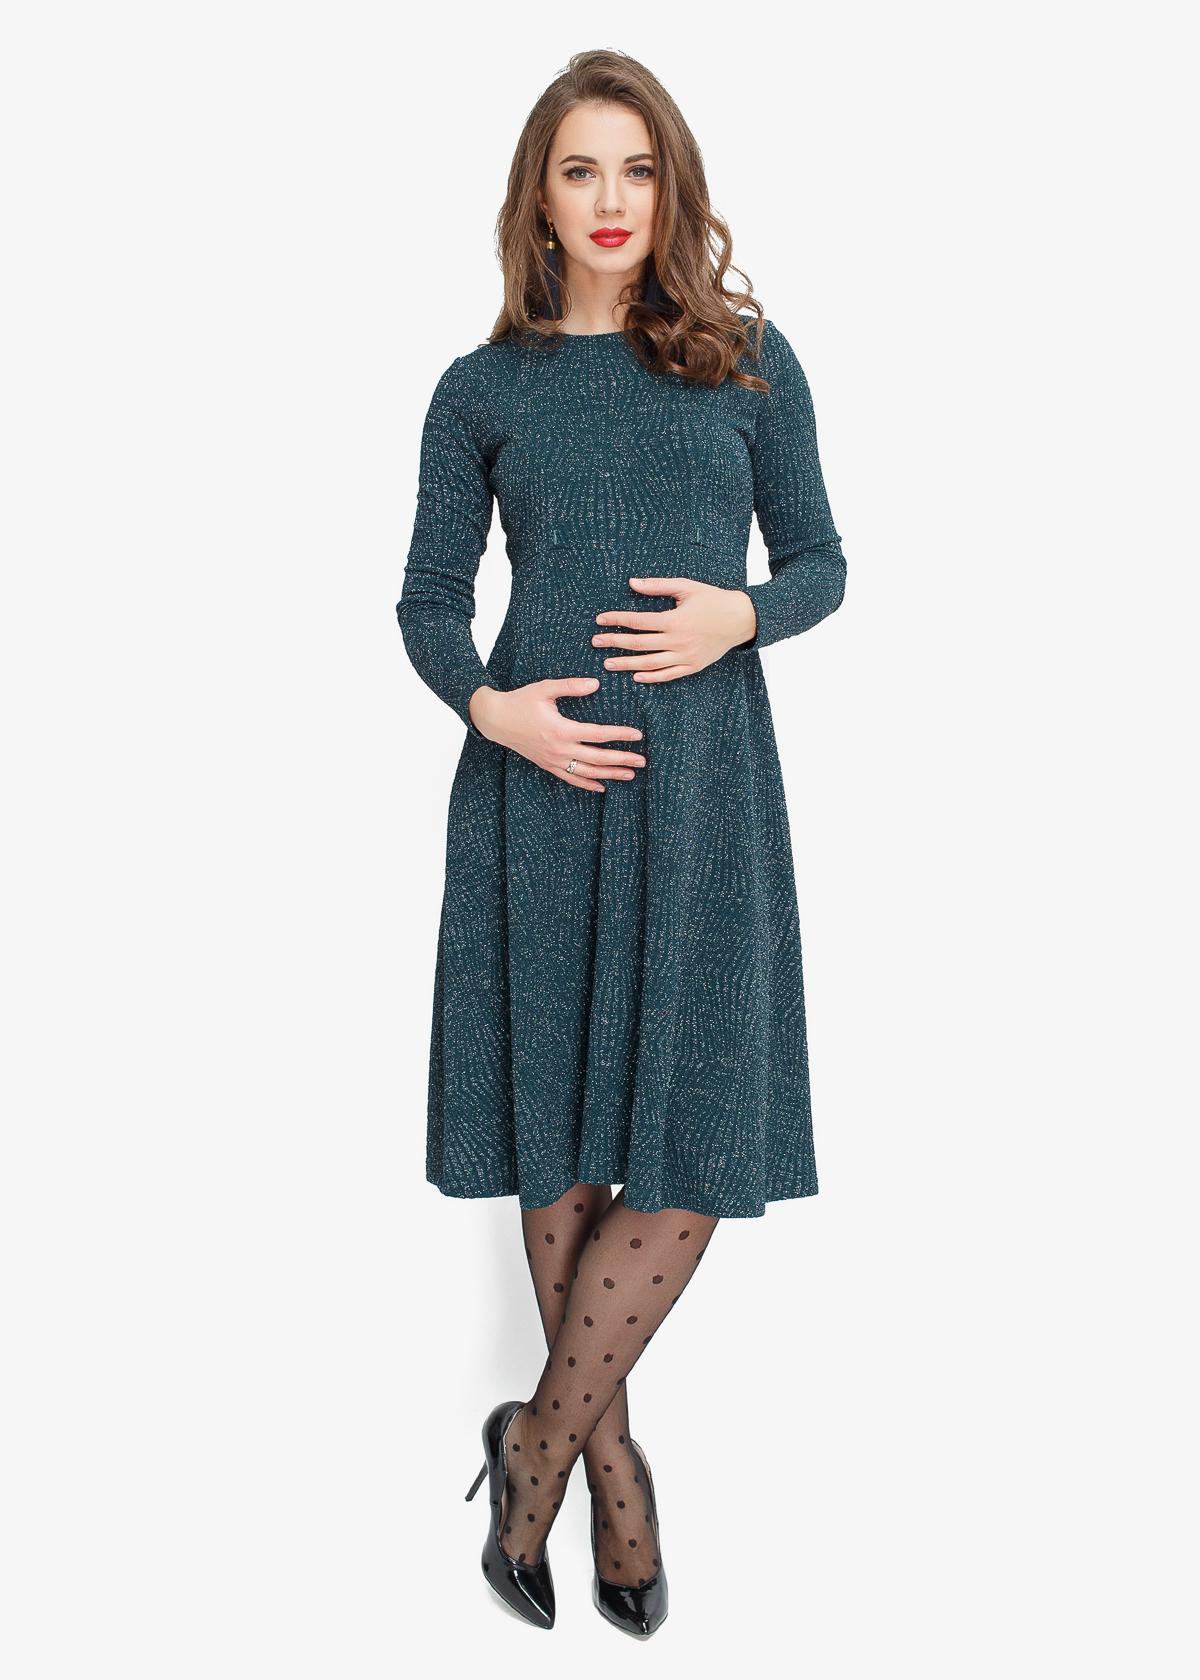 Фото: нарядное платье Yasya для беременных 1